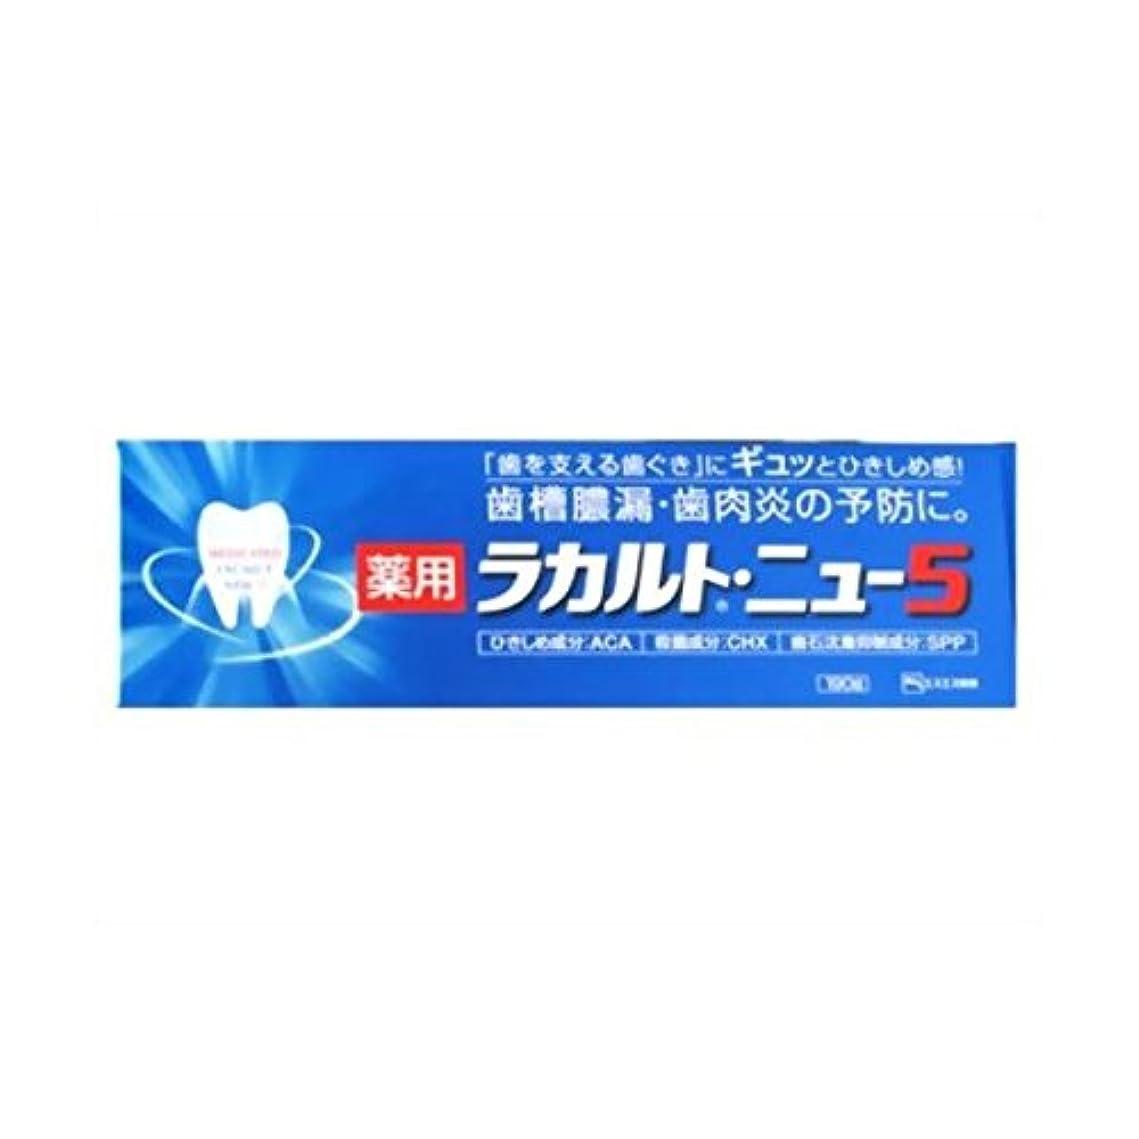 原点感じるジョガー【お徳用 3 セット】 薬用ラカルトニュー5 190g×3セット